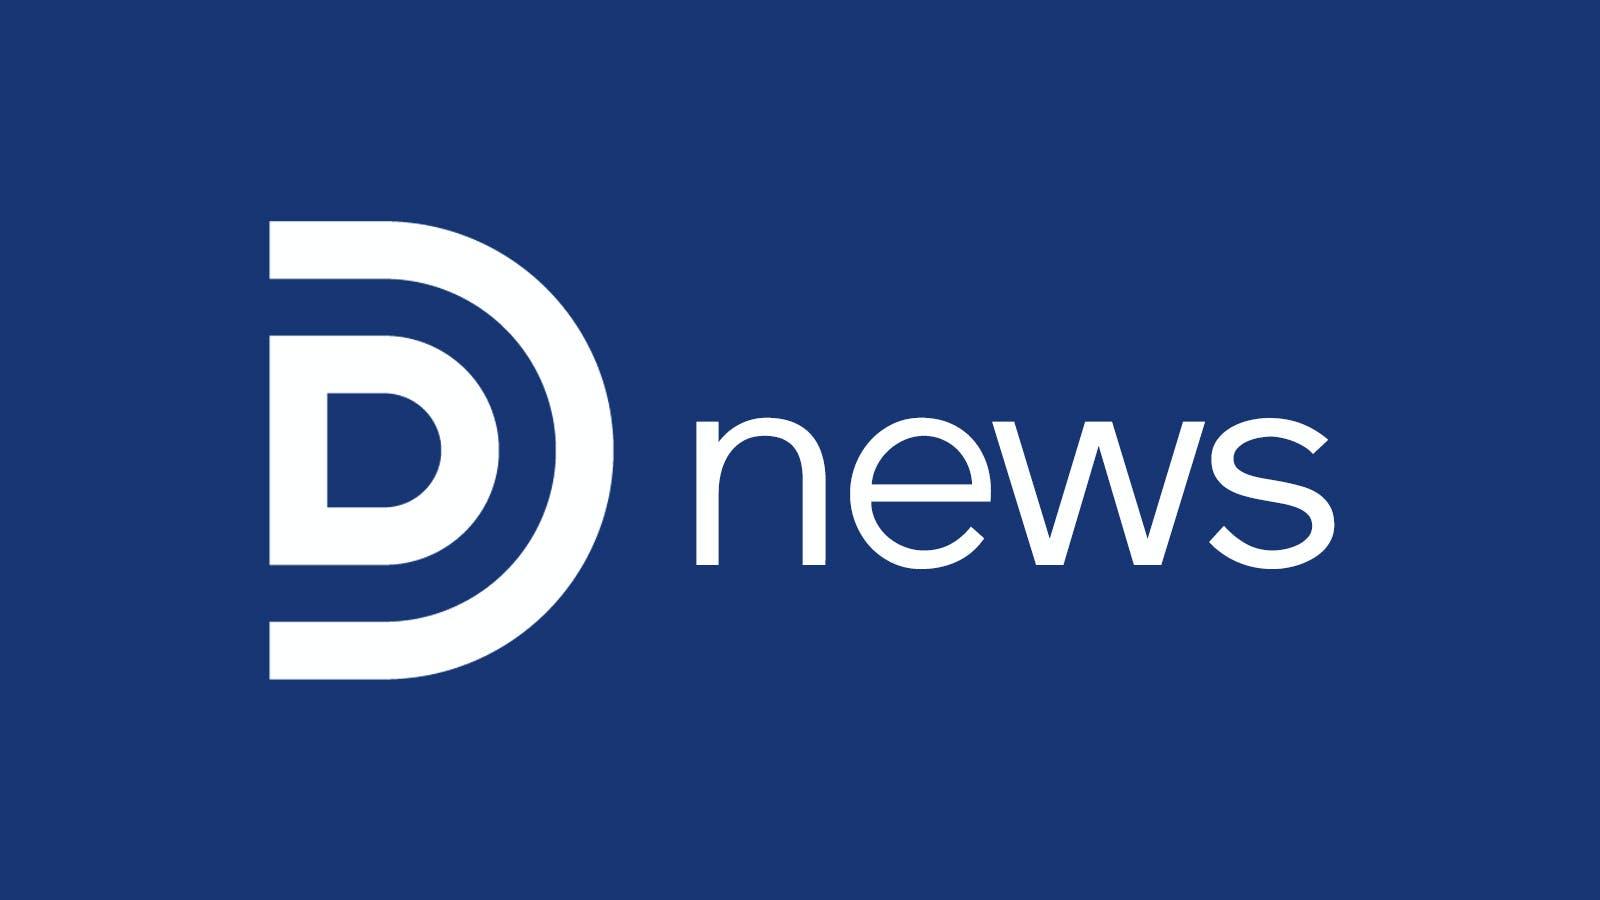 DDnews